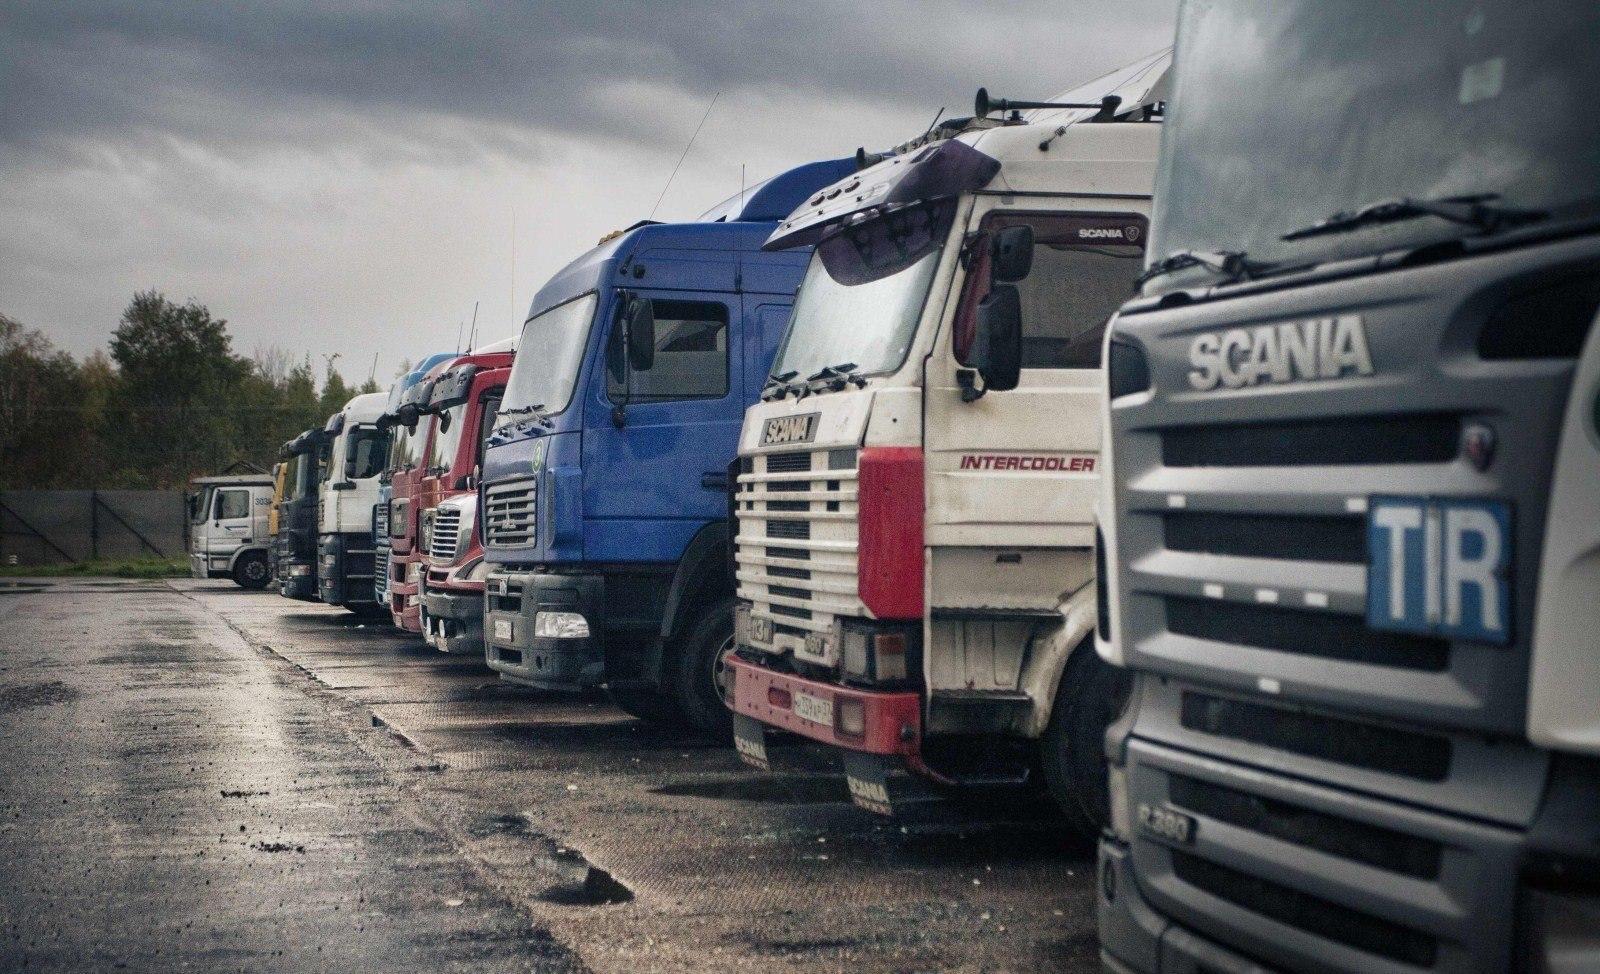 Пограничники на российско-казахстанской границе в Астраханской области задержали 10 нелегалов, прятавшихся в грузовике с тюками